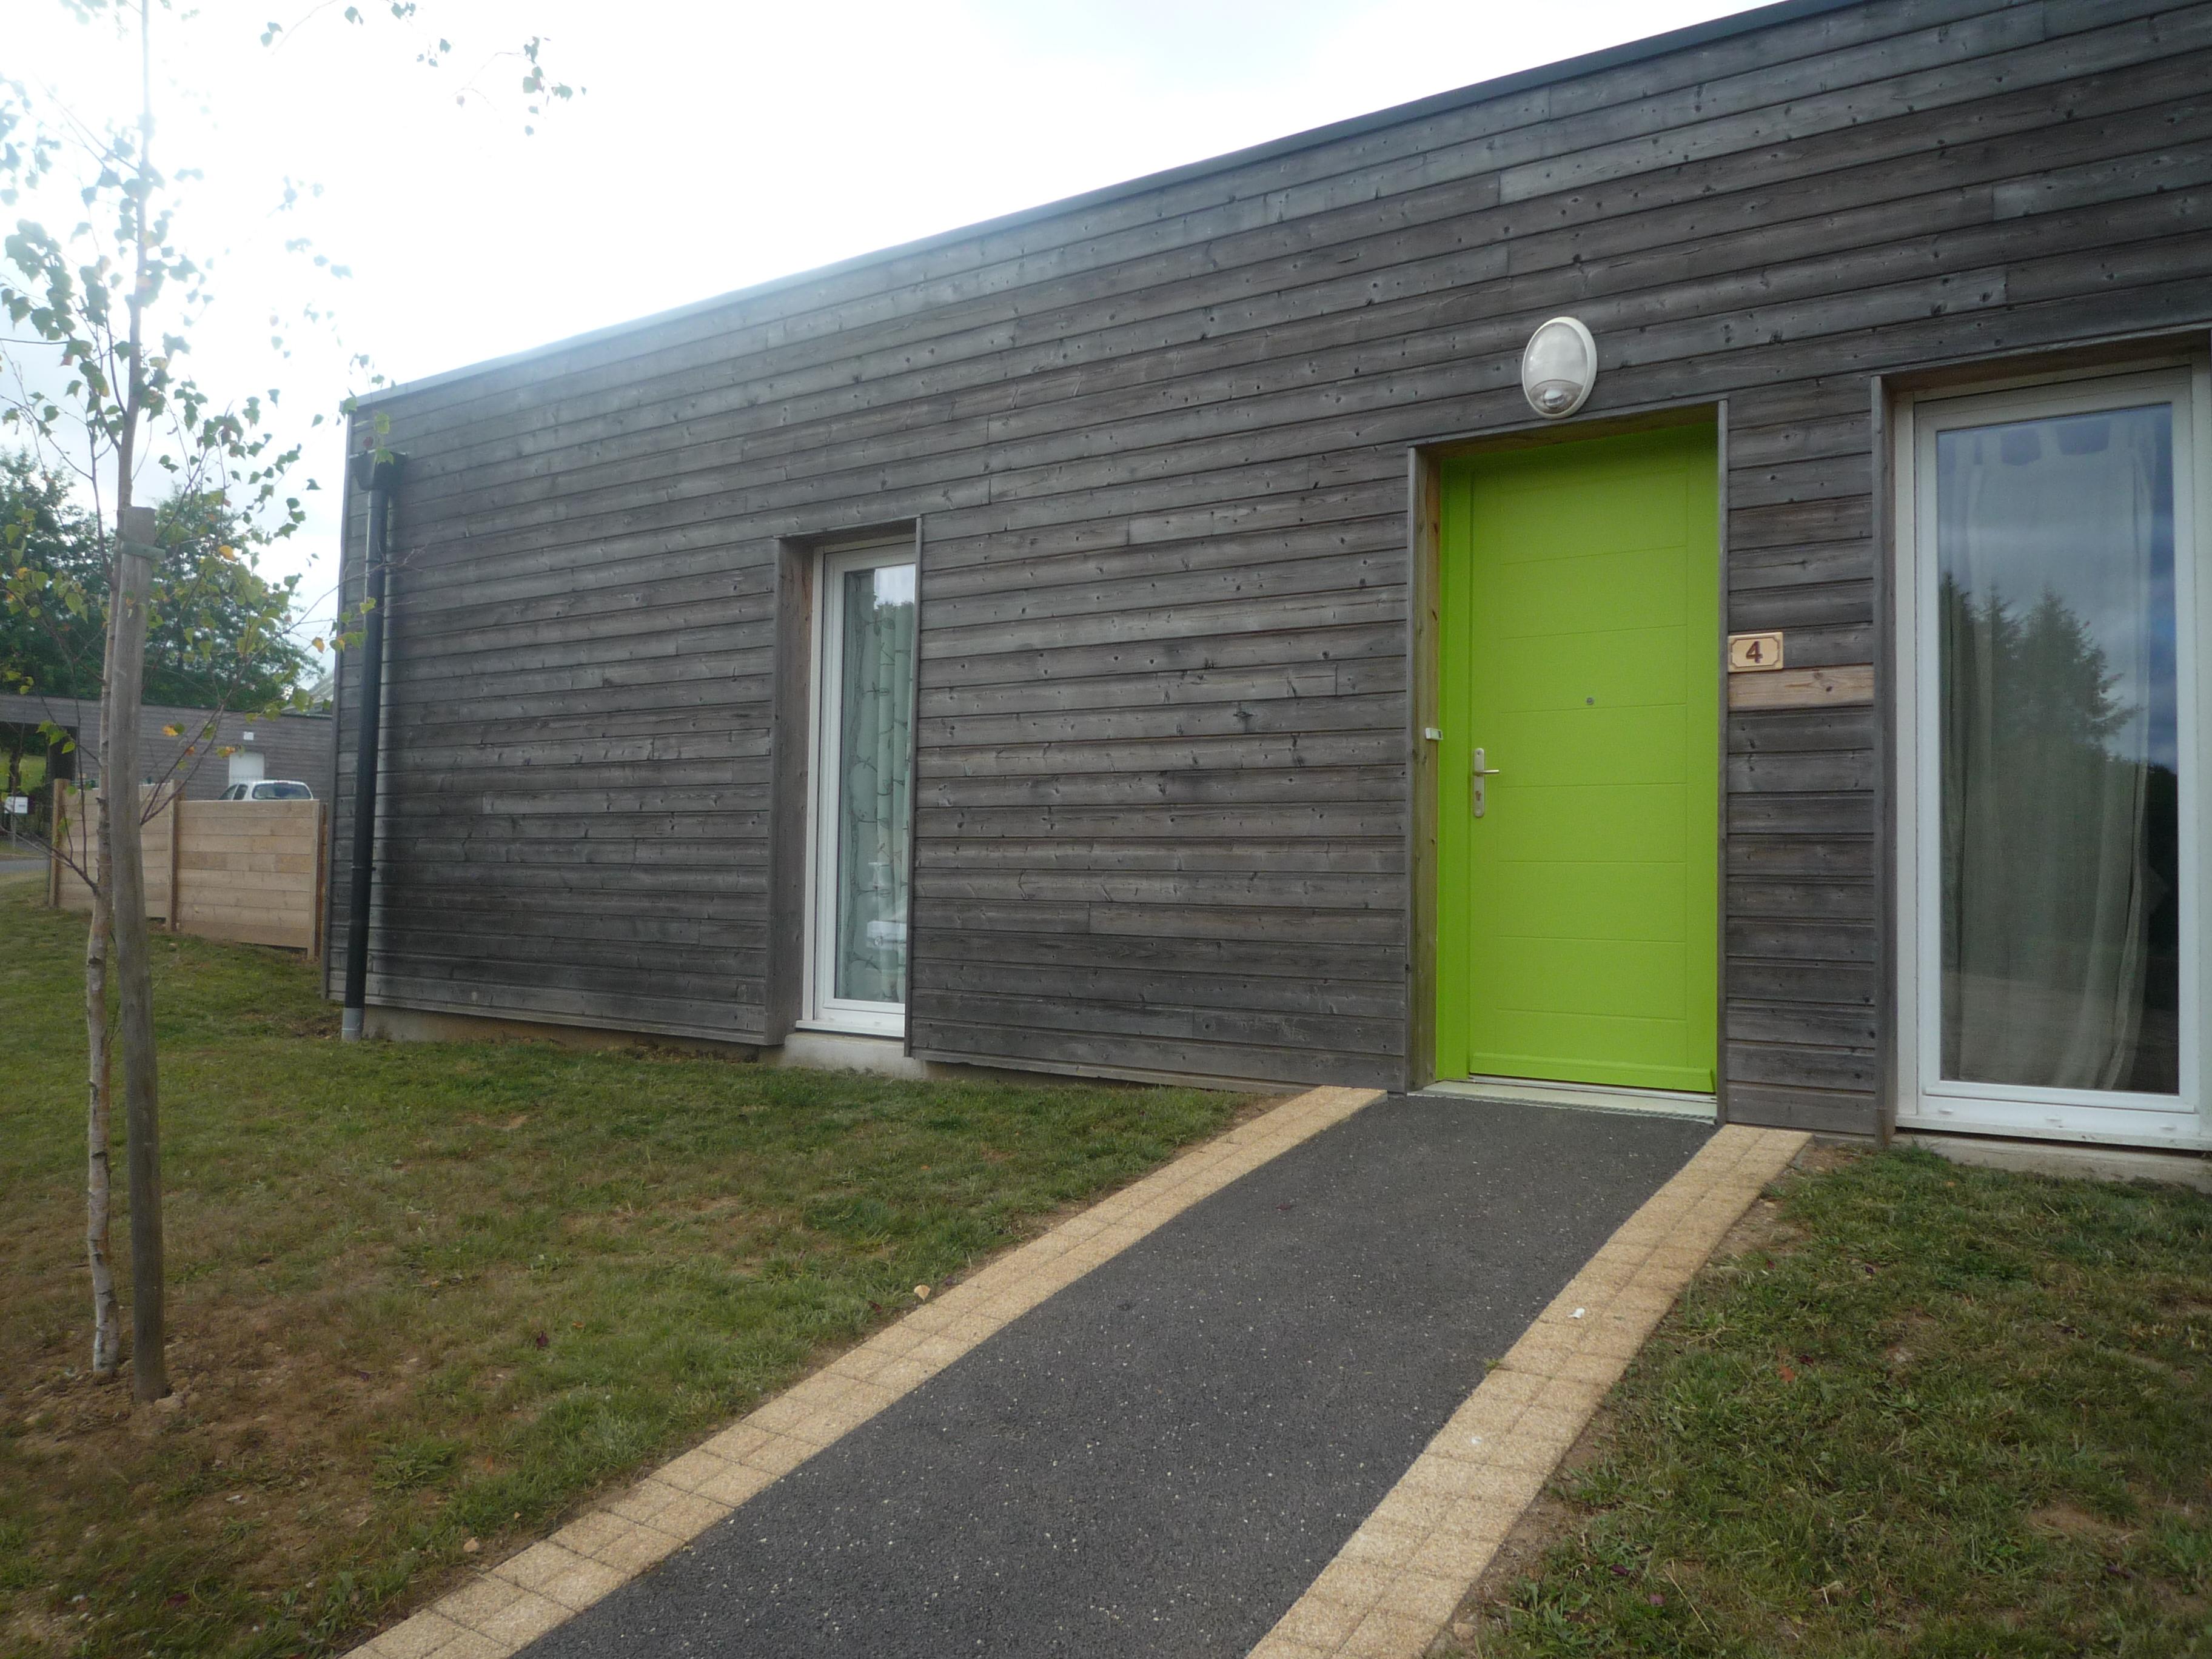 Maison Bois Bbc Maison En Ossature Bois Bbc Hr A Vendre Maison Ossature Bois Bbc Gueudry T5  # Maison En Bois Bbc